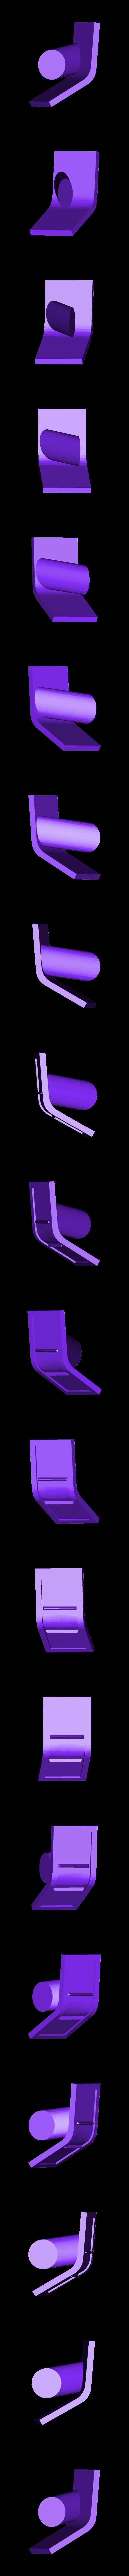 Petit_canon_bouclier_gauche_m.STL Télécharger fichier STL gratuit STARWARS motorisés AT - AT • Plan imprimable en 3D, Rio31